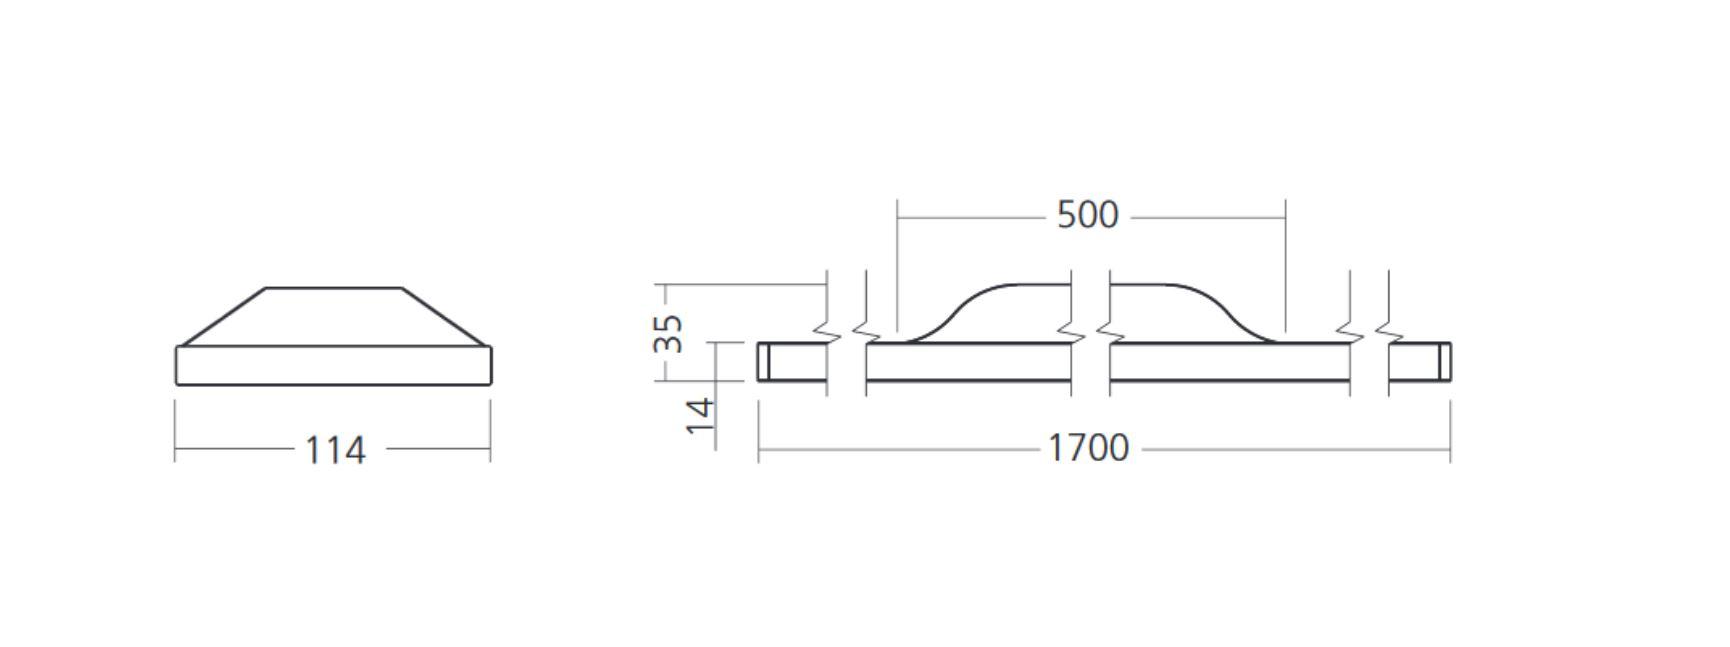 SML LED Pendelleuchte Duelis Abmessungen